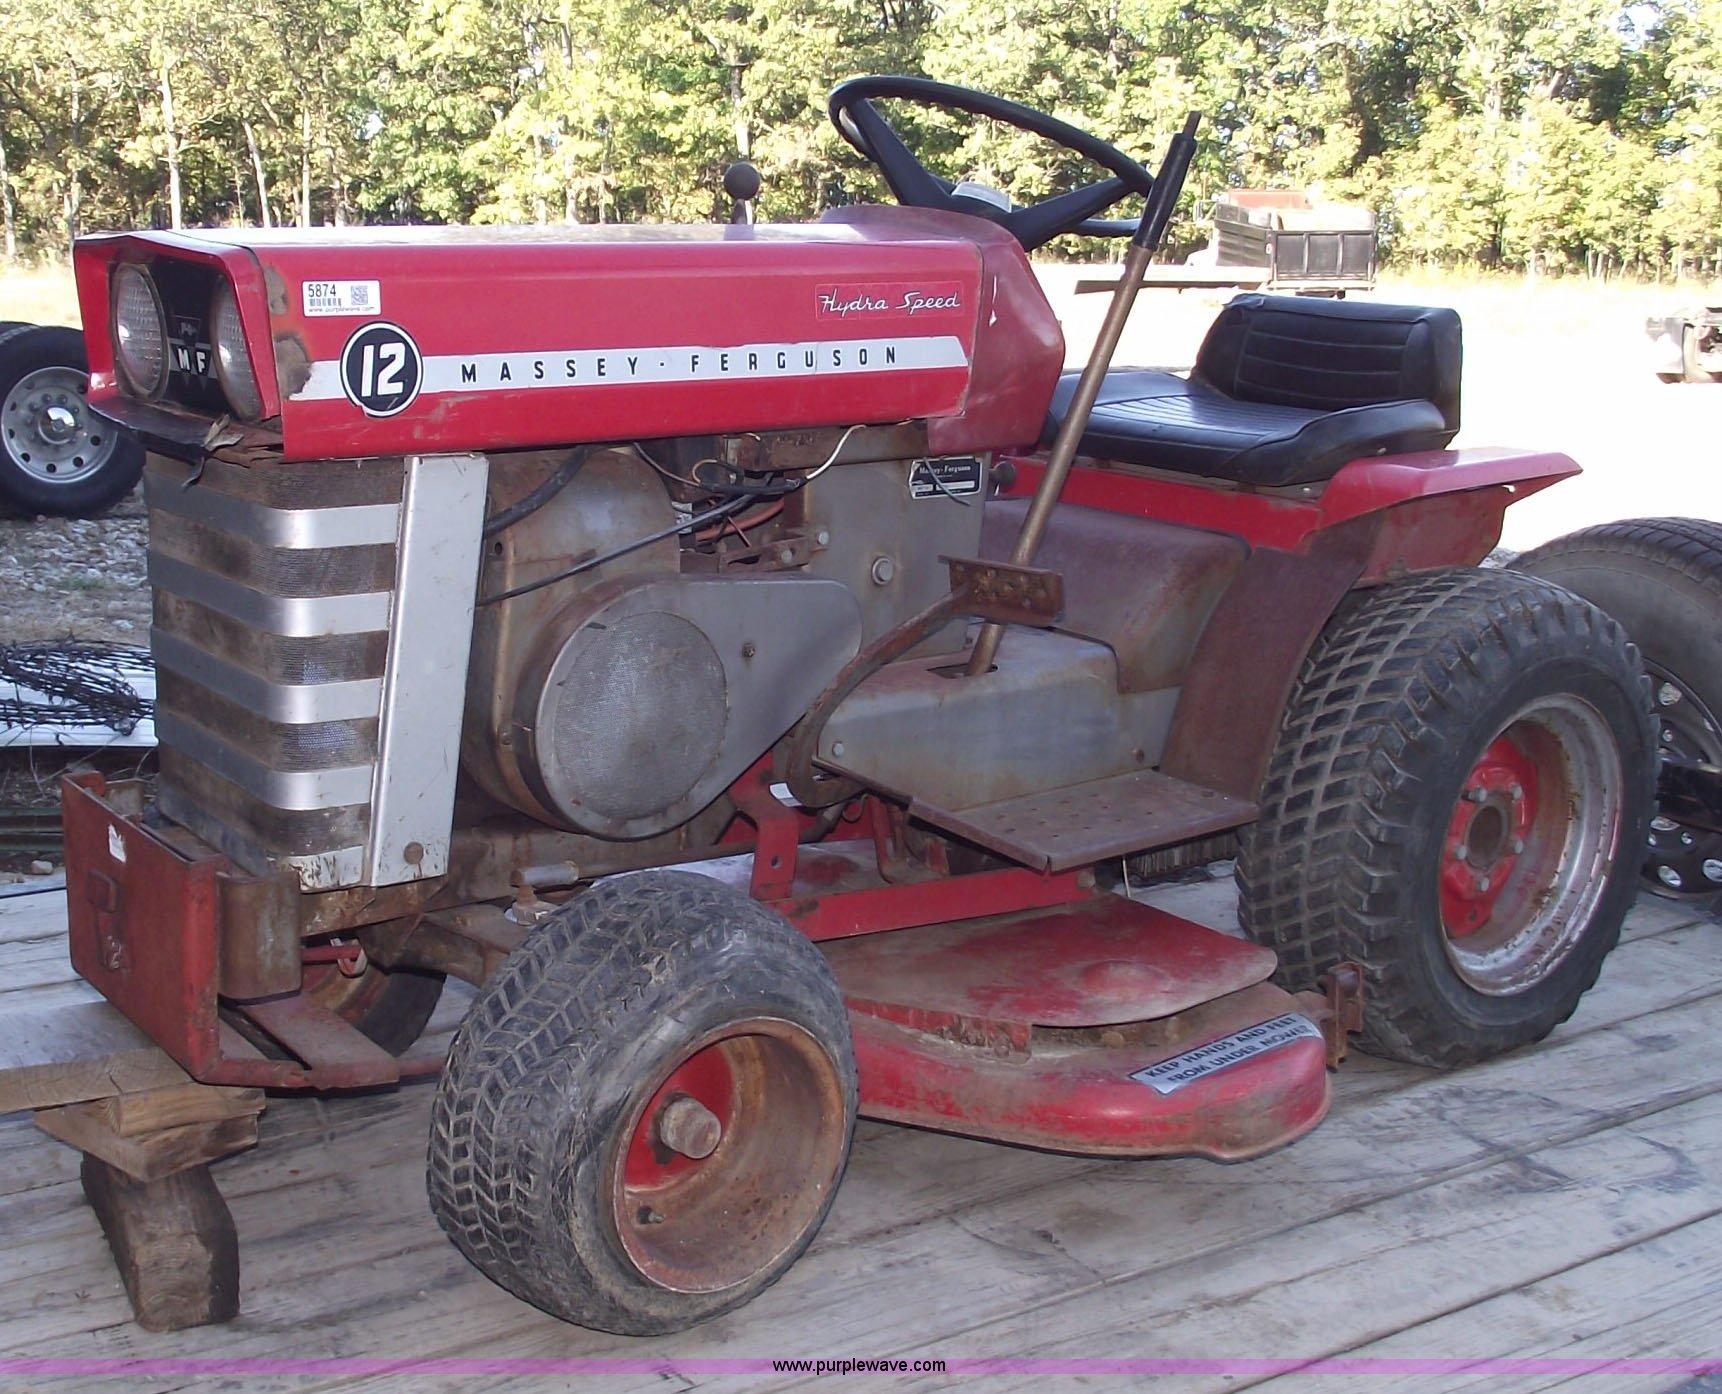 ... Massey-Ferguson Model 12 riding lawn mower Full size in new window ...